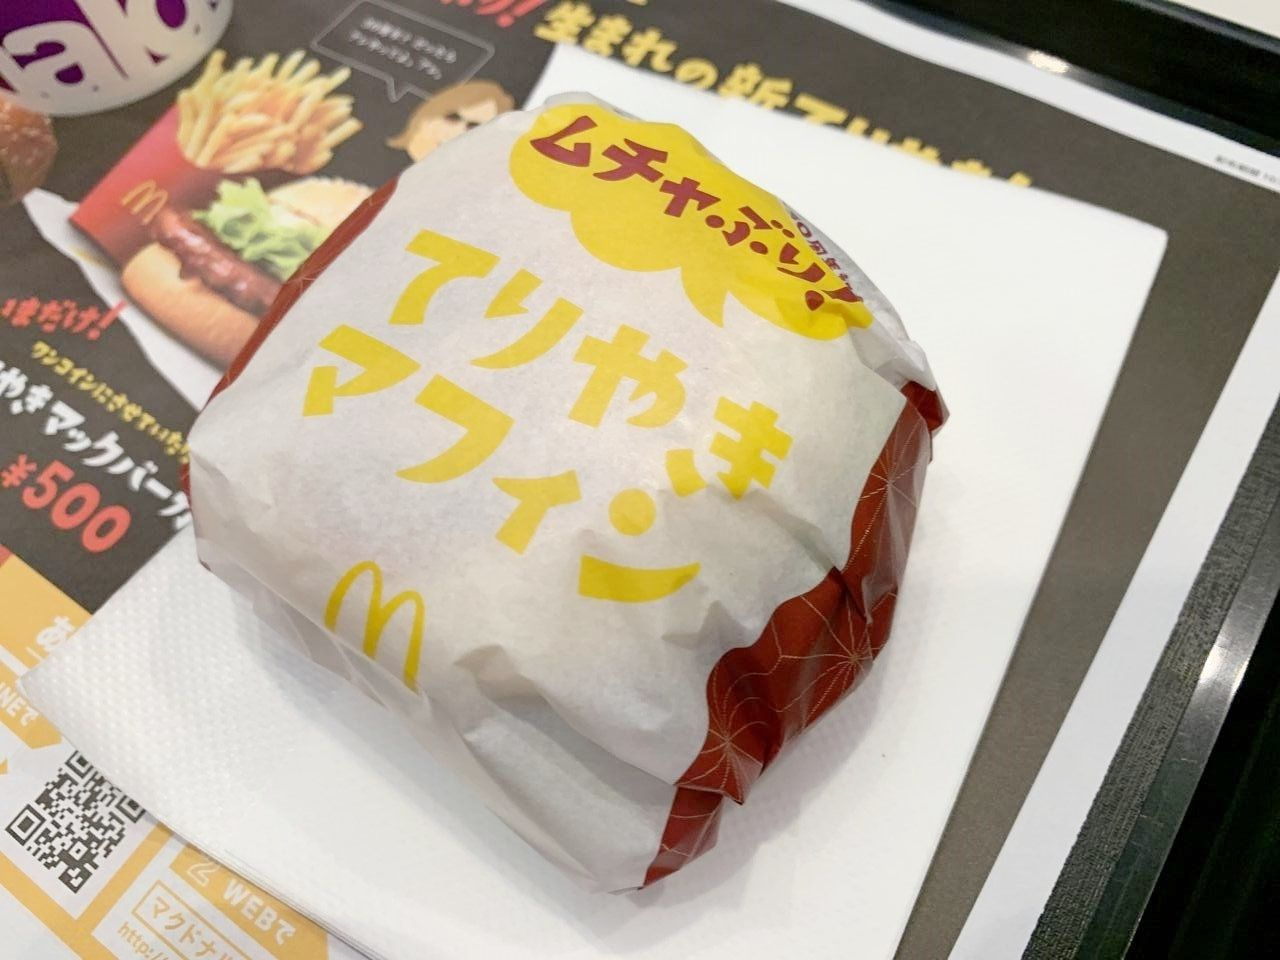 【三郷市食べ歩きブログ】YOSHIKIのムチャぶり「てりやきマフィン」